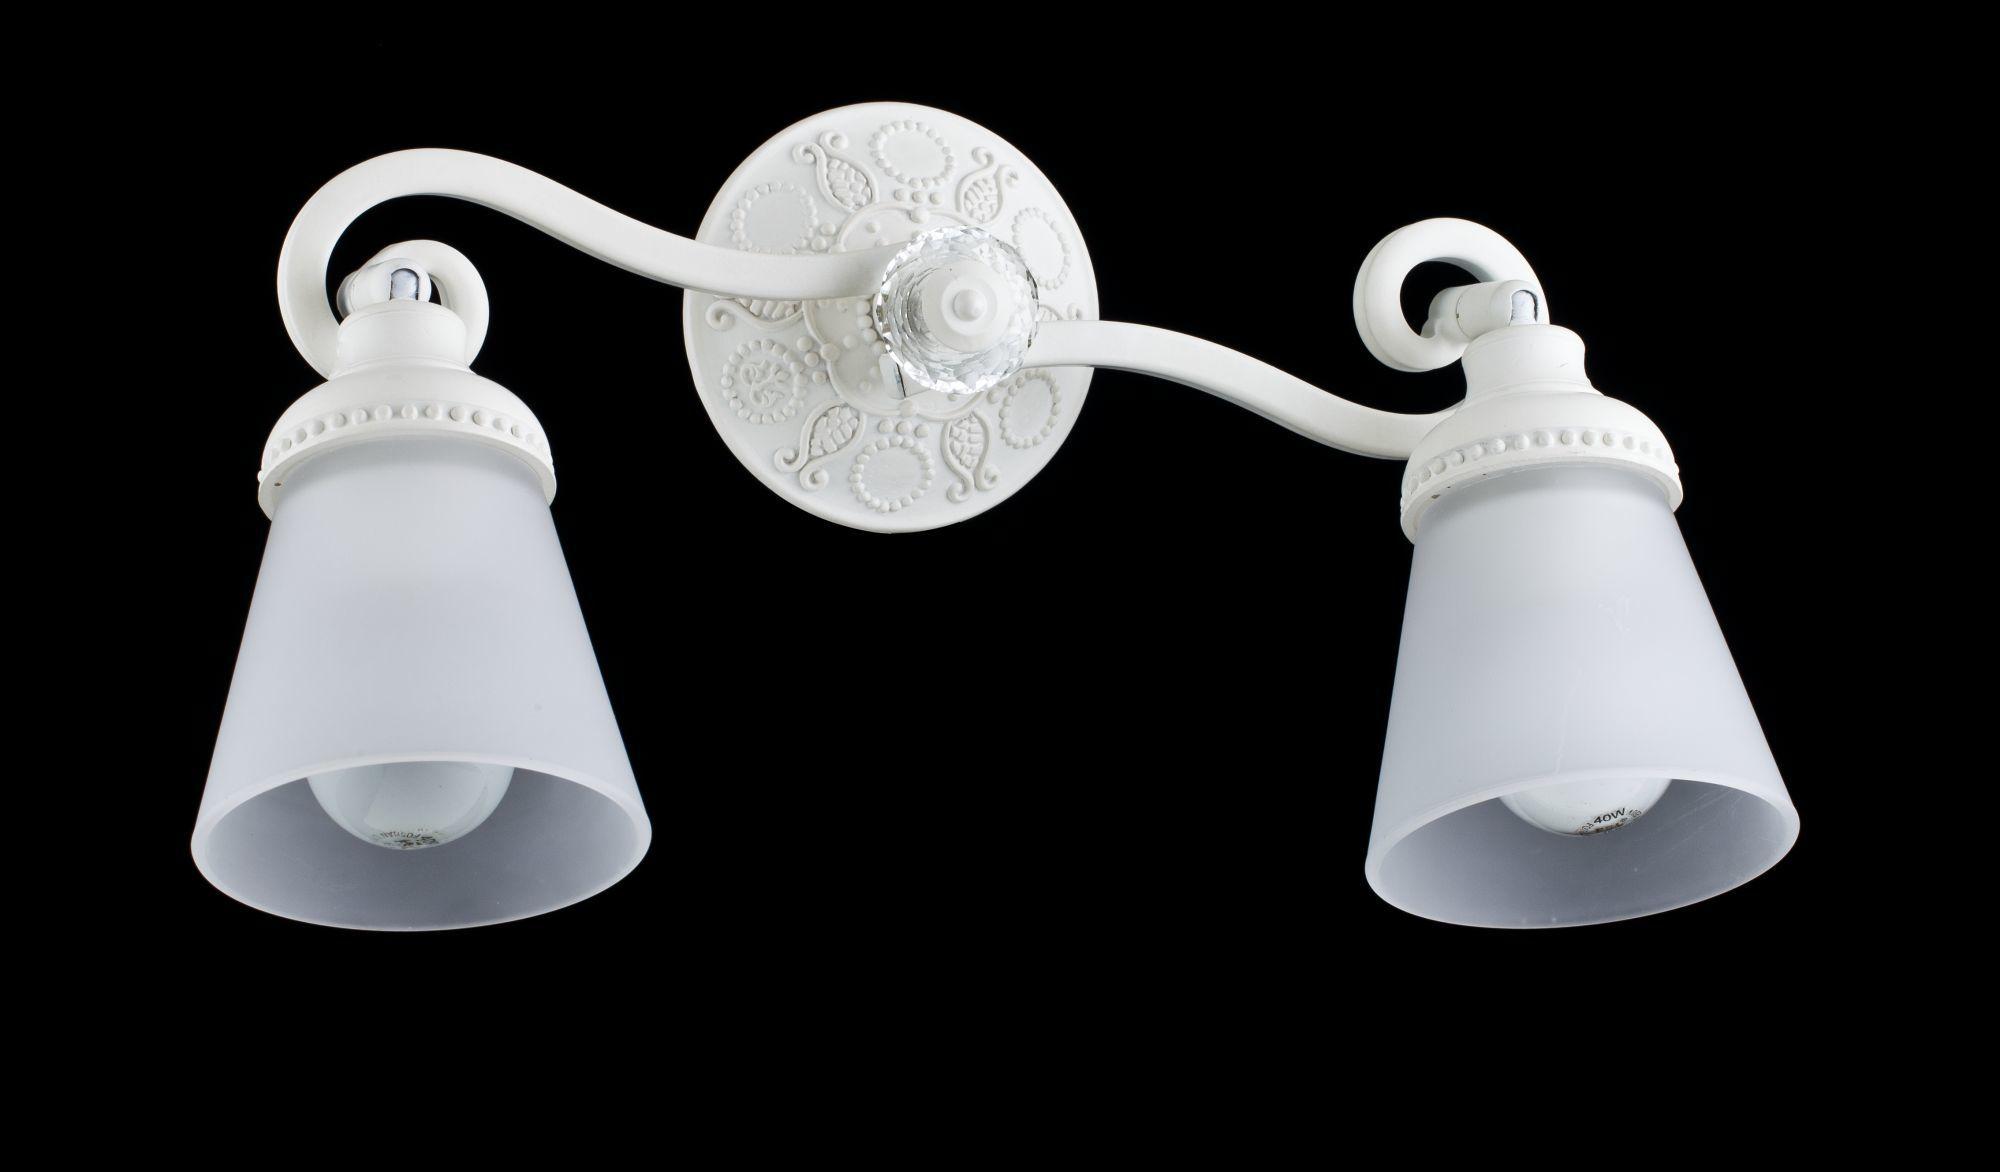 Потолочный светильник с регулировкой направления света Maytoni Classic Mia SP564-CW-02-W (ECO564-02-W), 2xE14x40W, белый, металл, стекло - фото 1